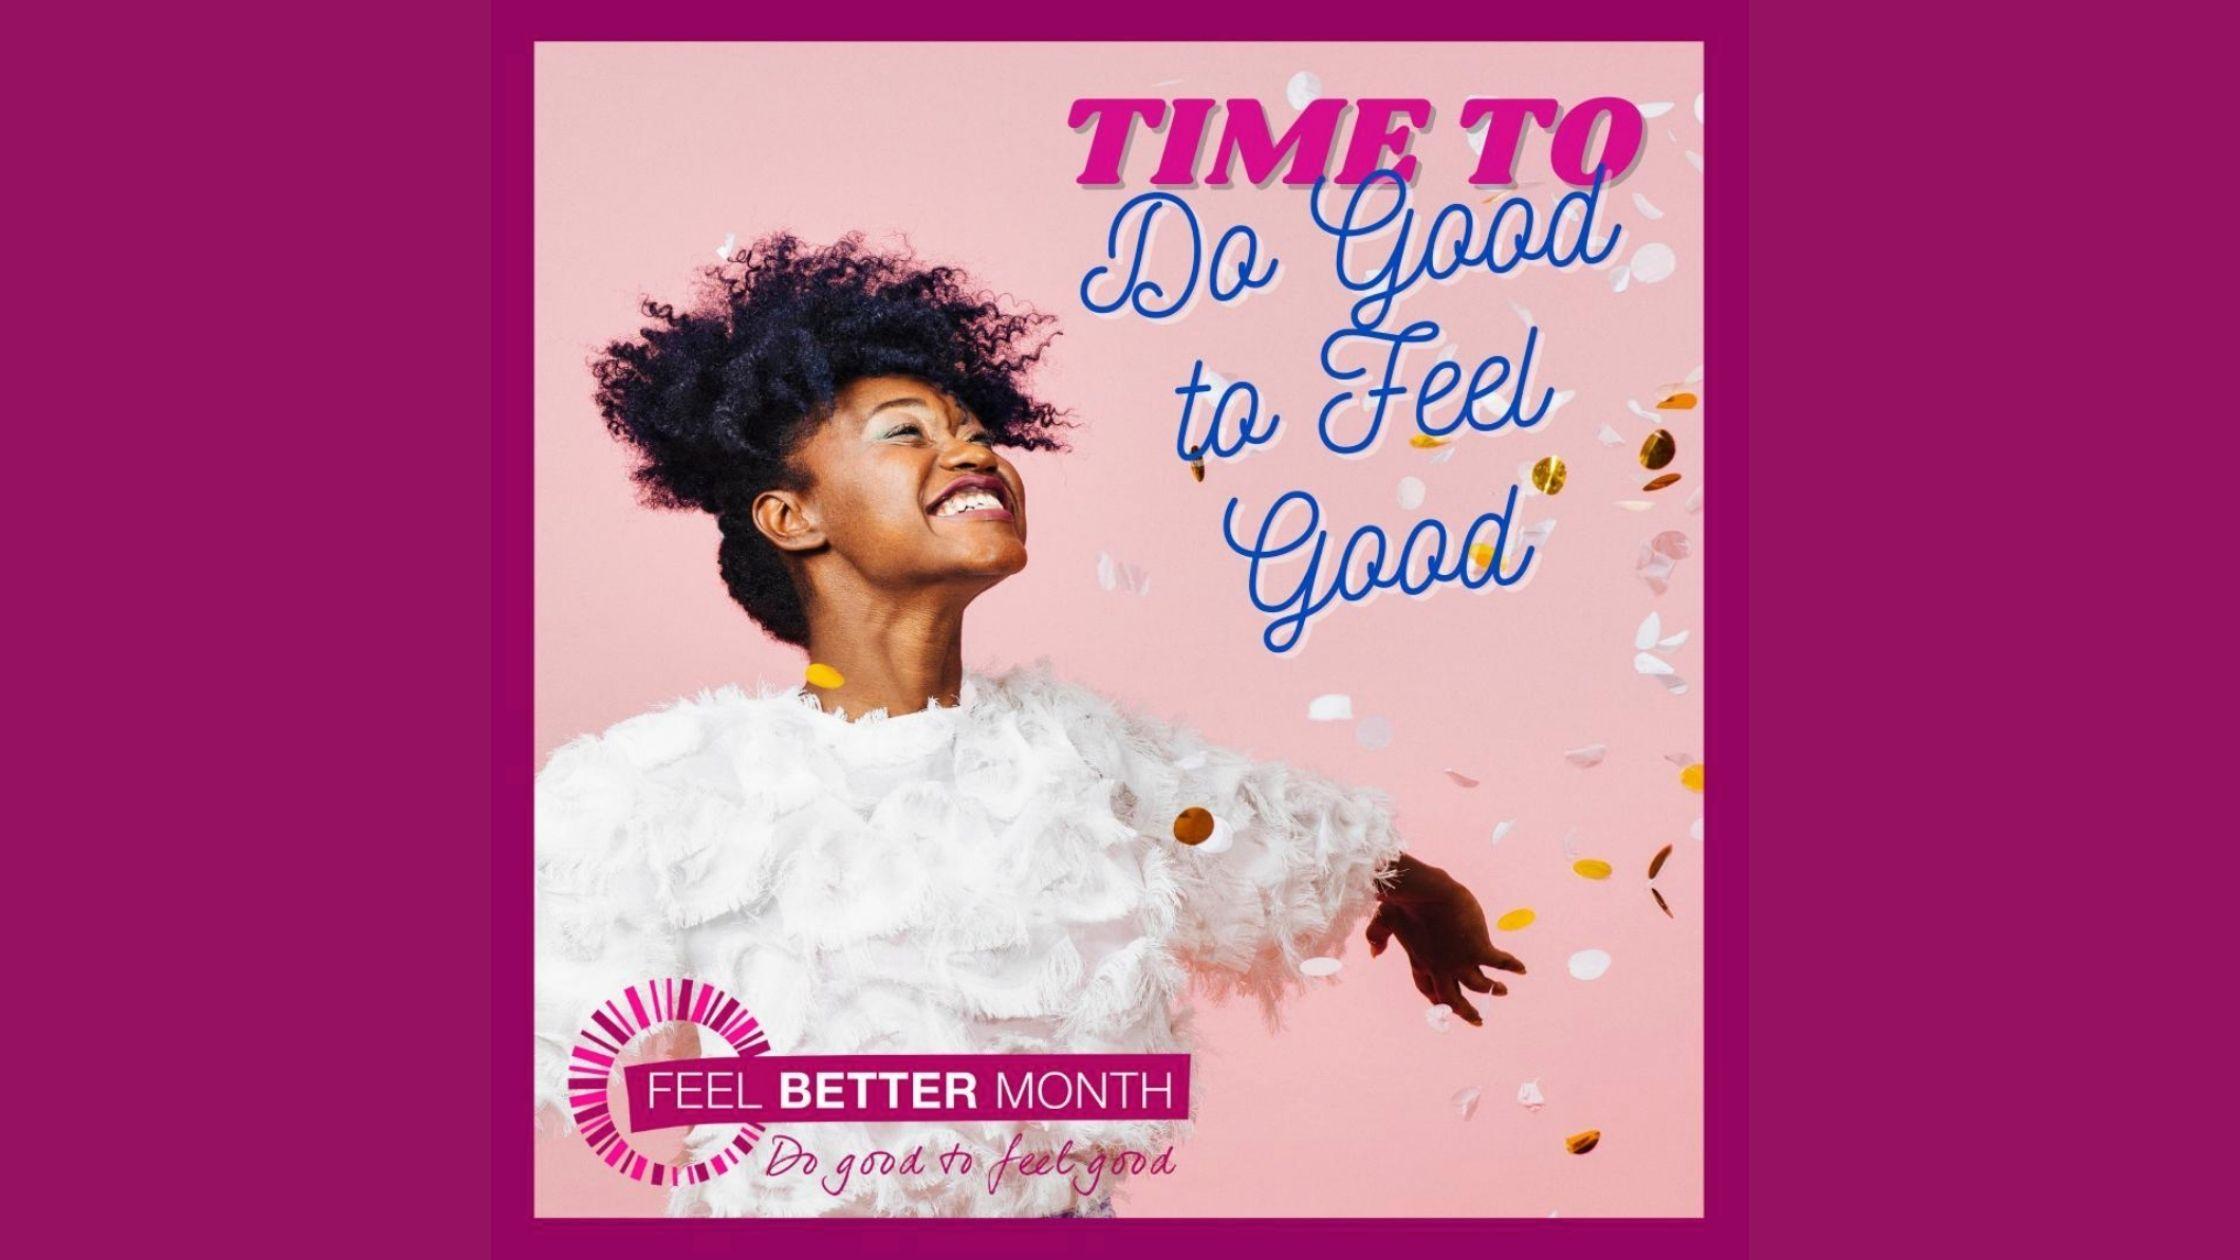 Feel Better Month: Look Good Feel Better